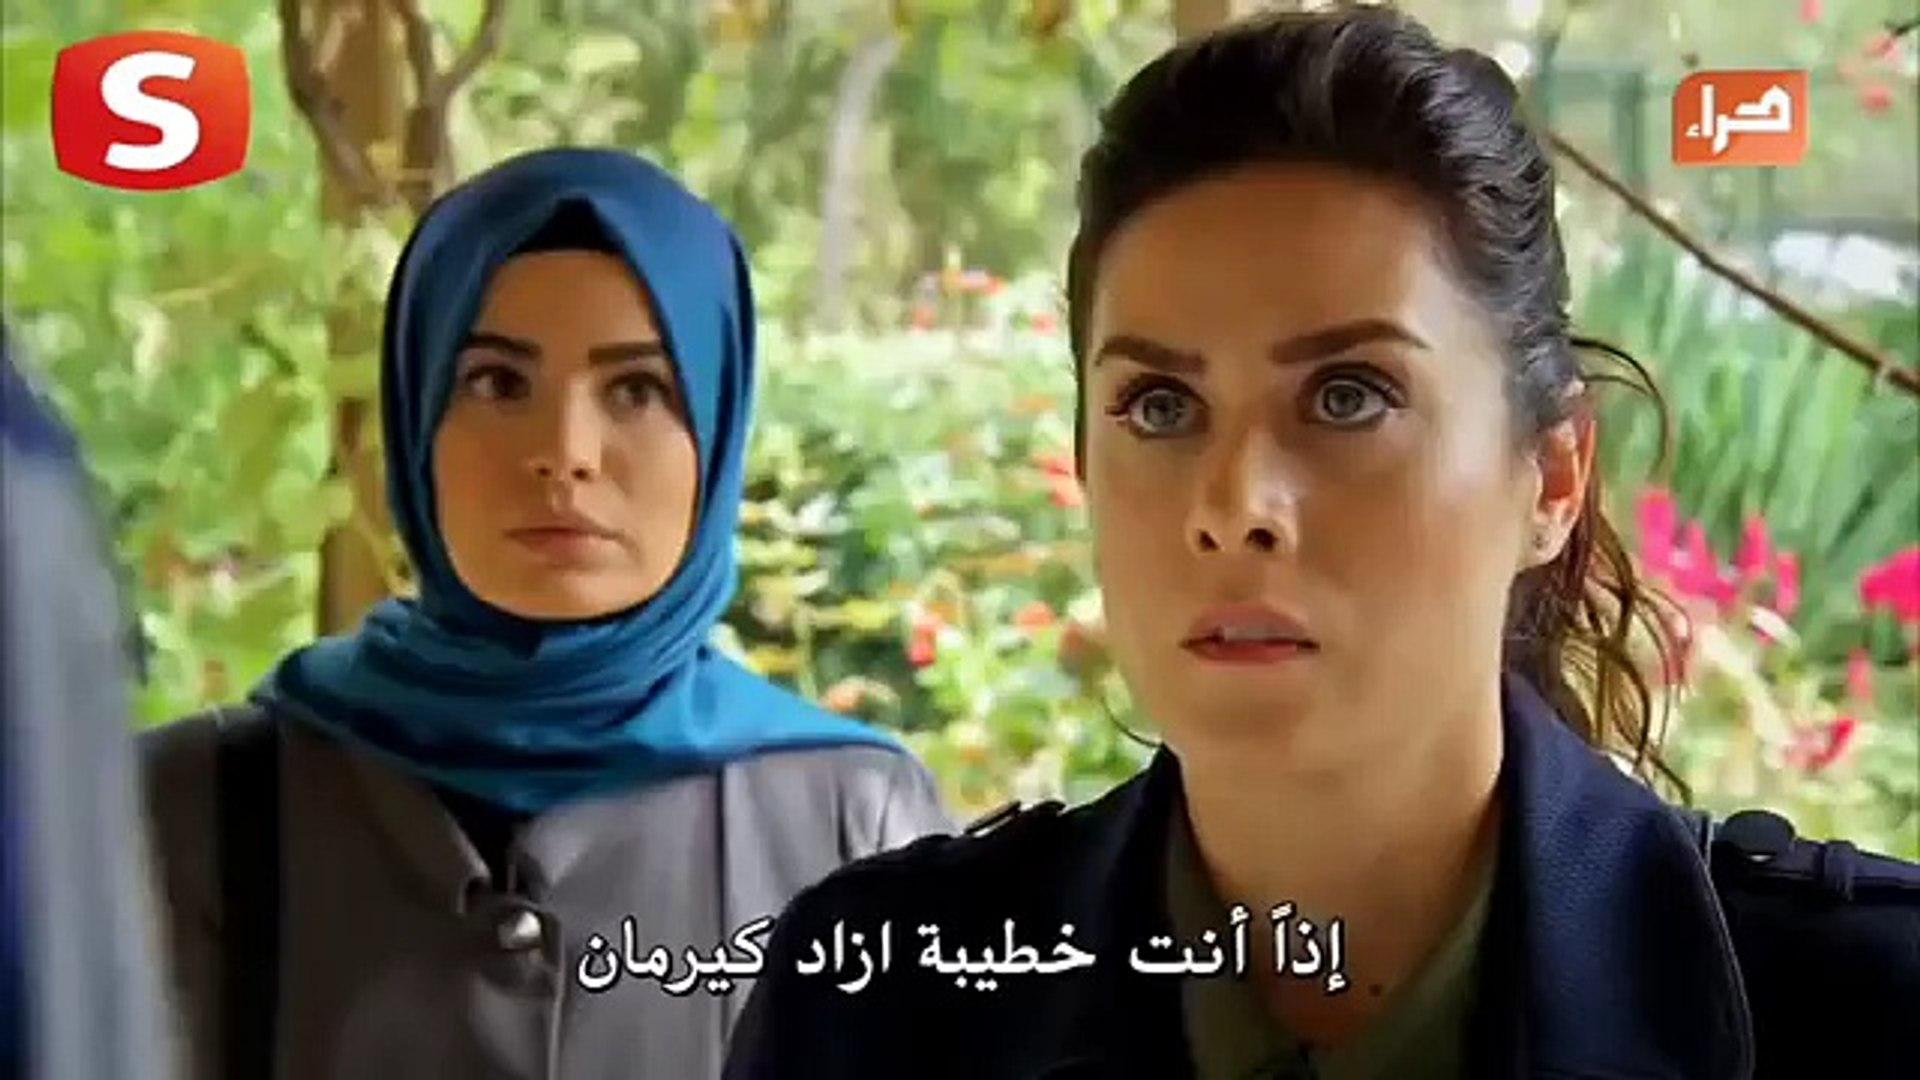 مسلسل زهرة القصر الجزء الثالث الحلقة 9 مترجمة للع Dailymotion Video